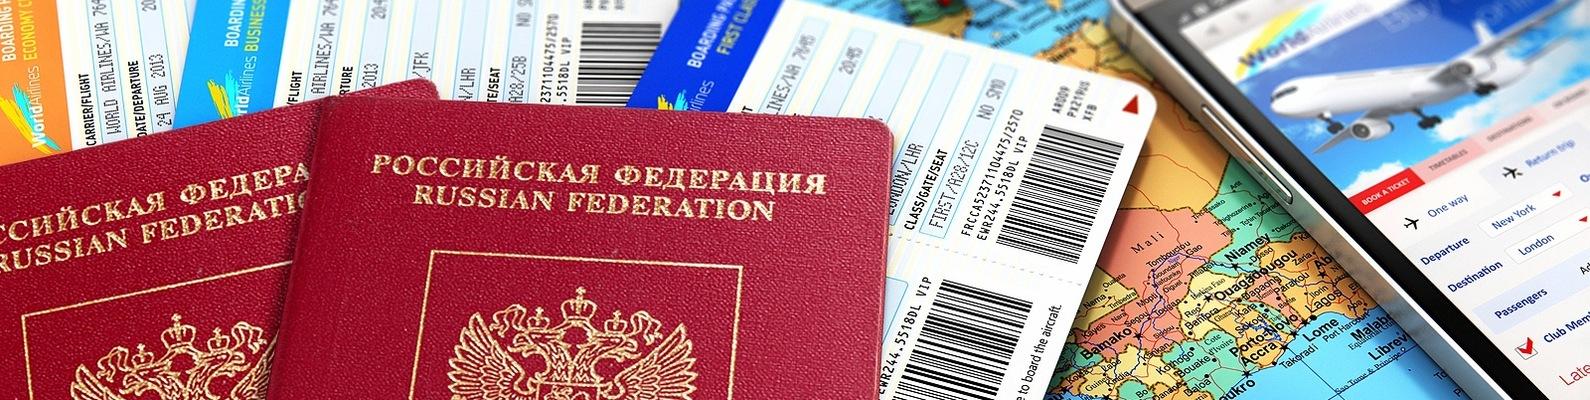 Мфц киров загранпаспорт документы